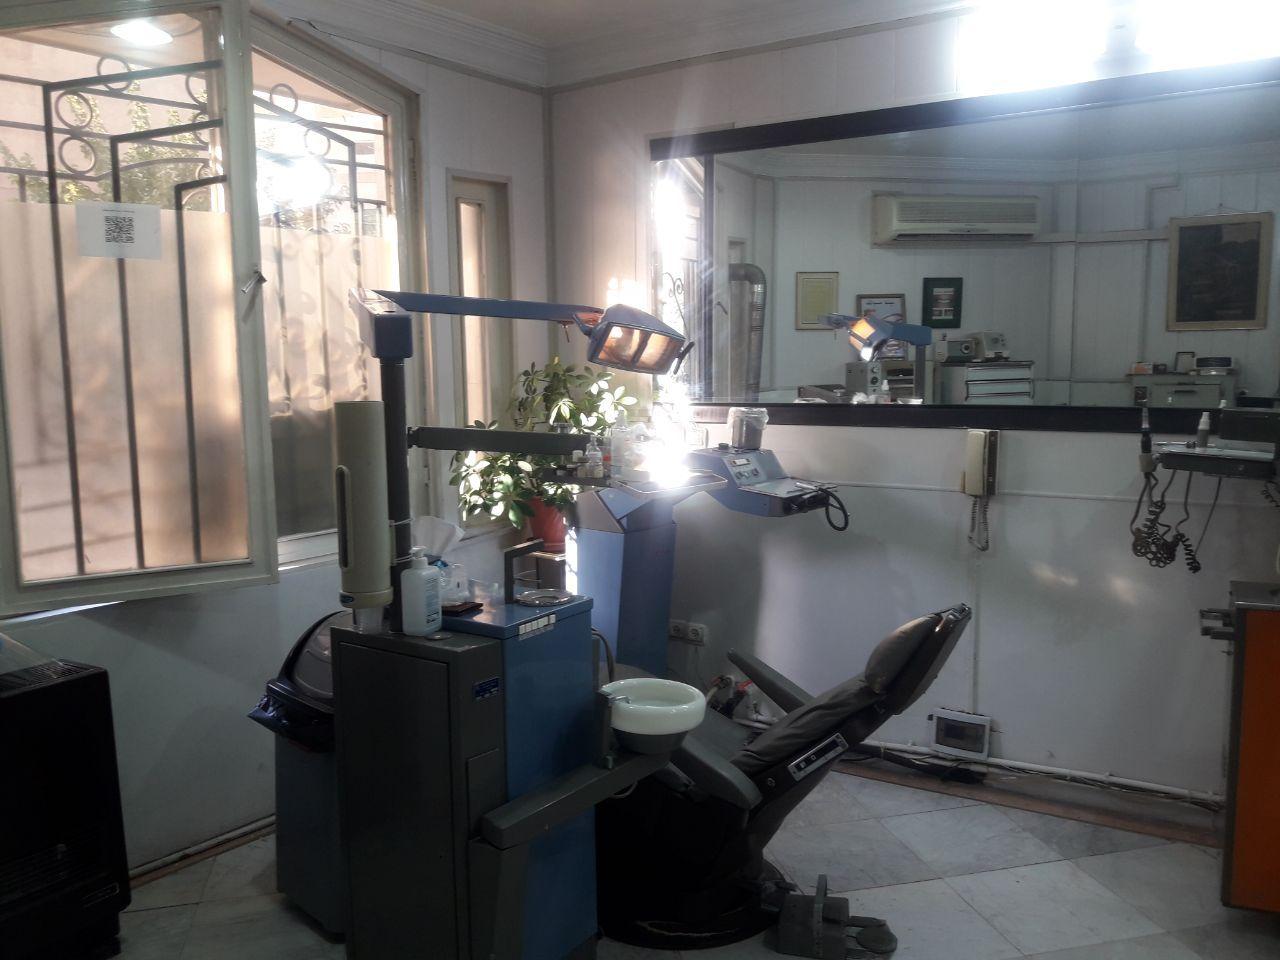 تهران: پیروزی، نیاز به دندانپزشک با مجوز تهران